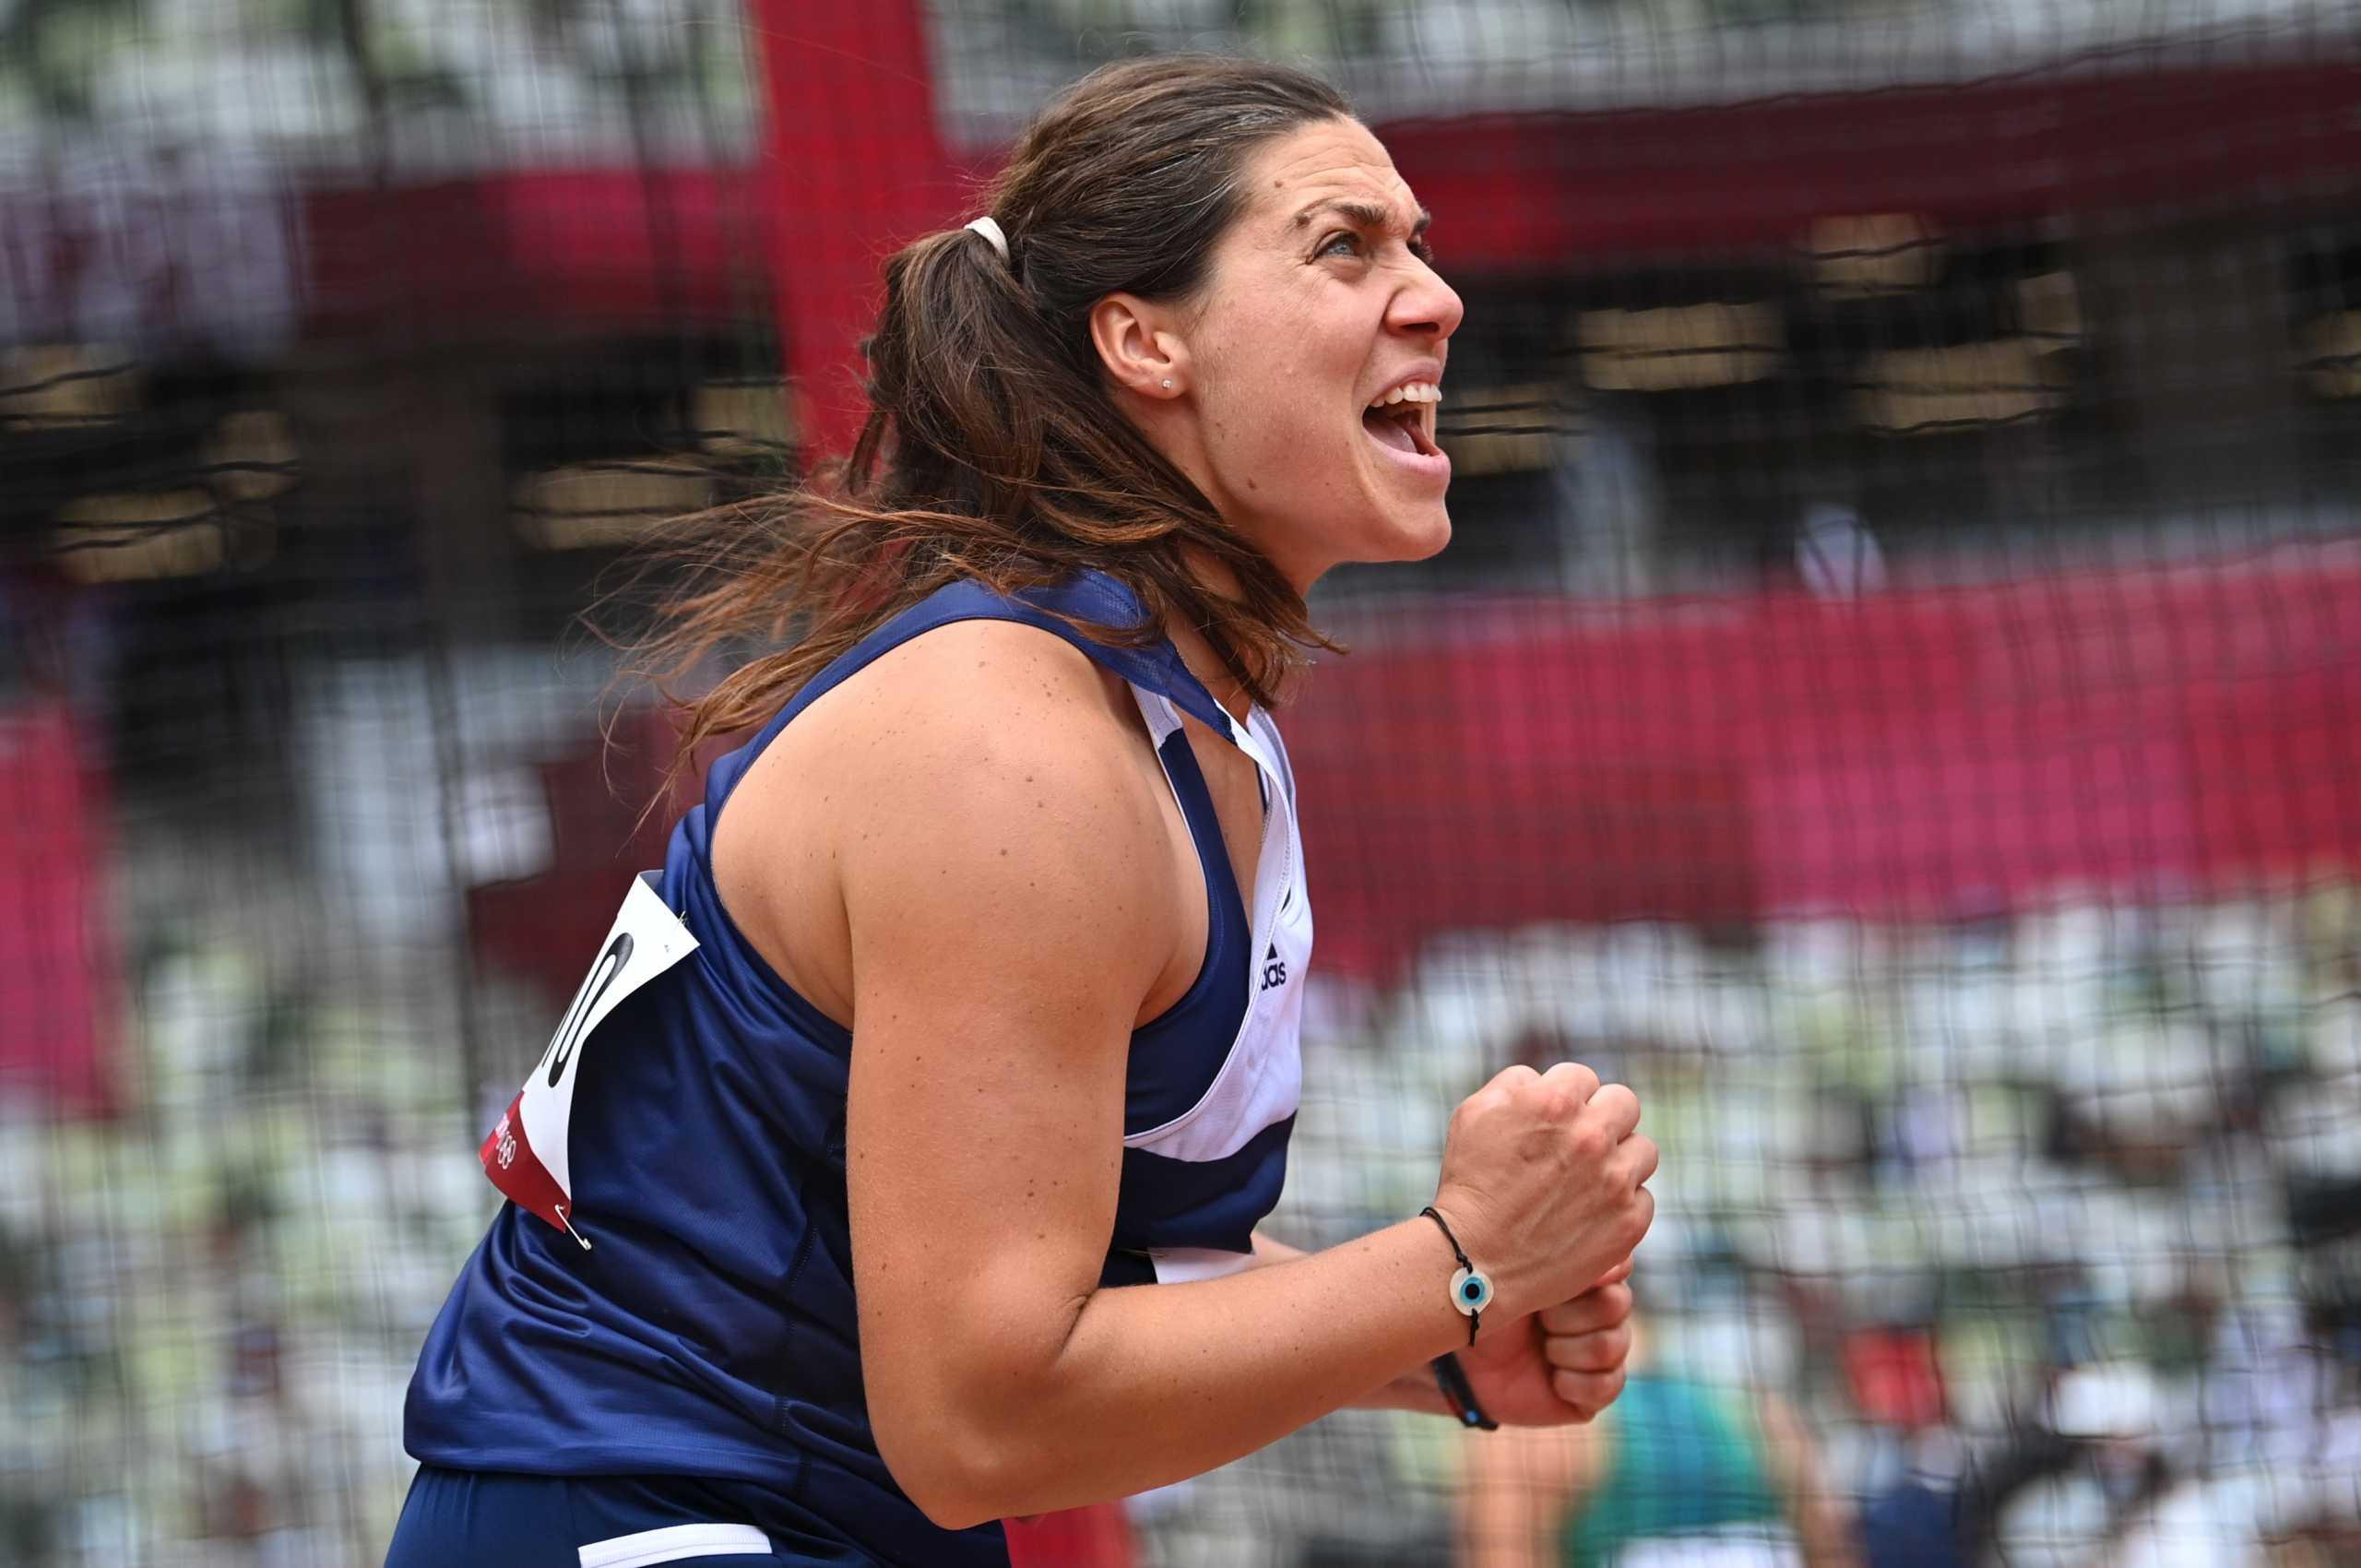 Ολυμπιακοί Αγώνες: Πάλεψε, αλλά αποκλείστηκε η Αναγνωστοπούλου